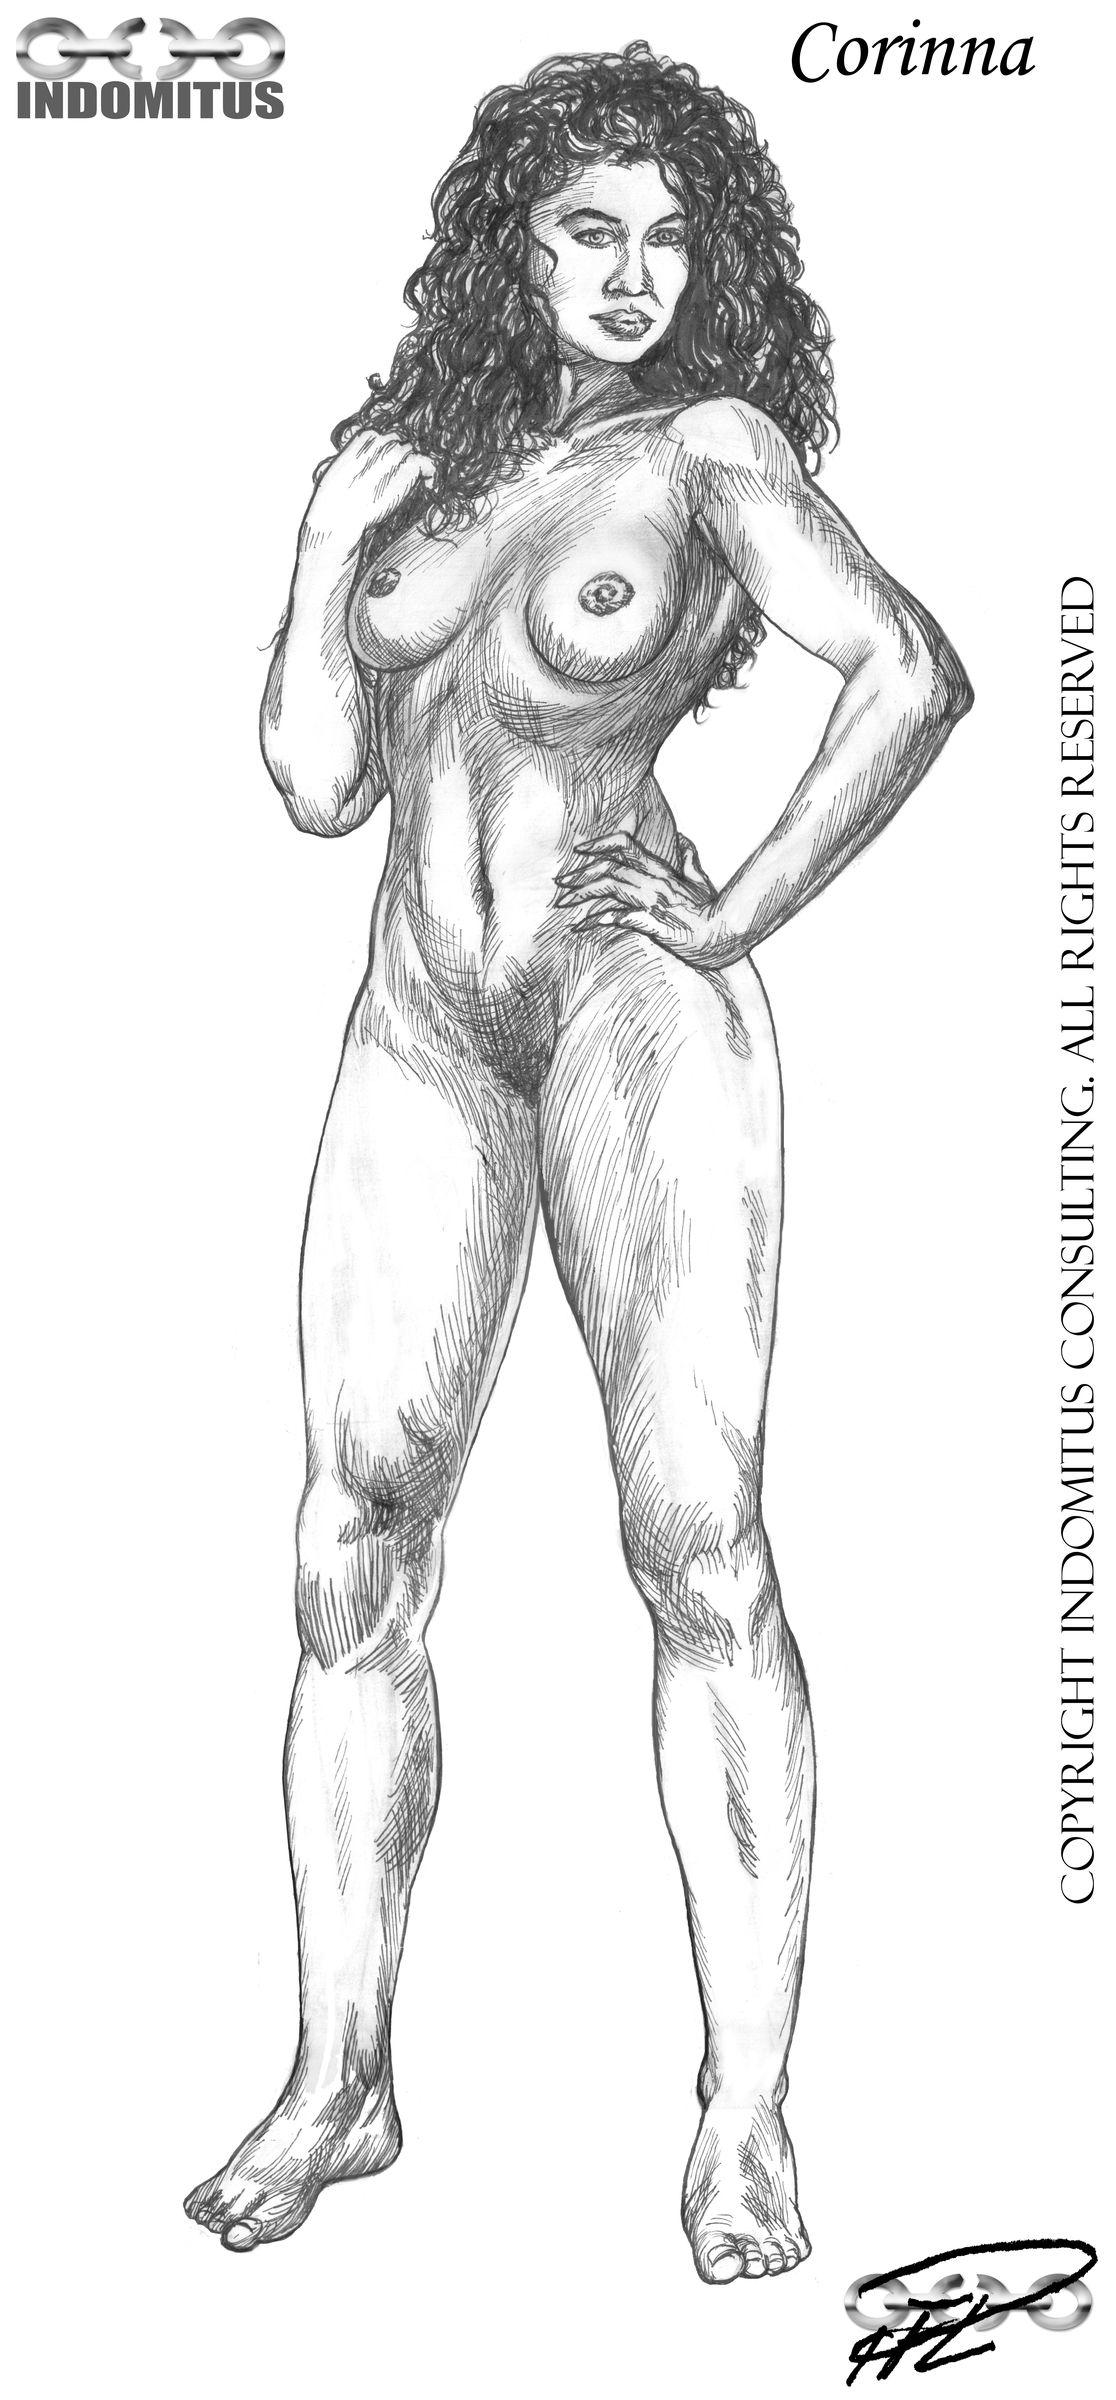 Corinna helkropps nakenstudie tusch